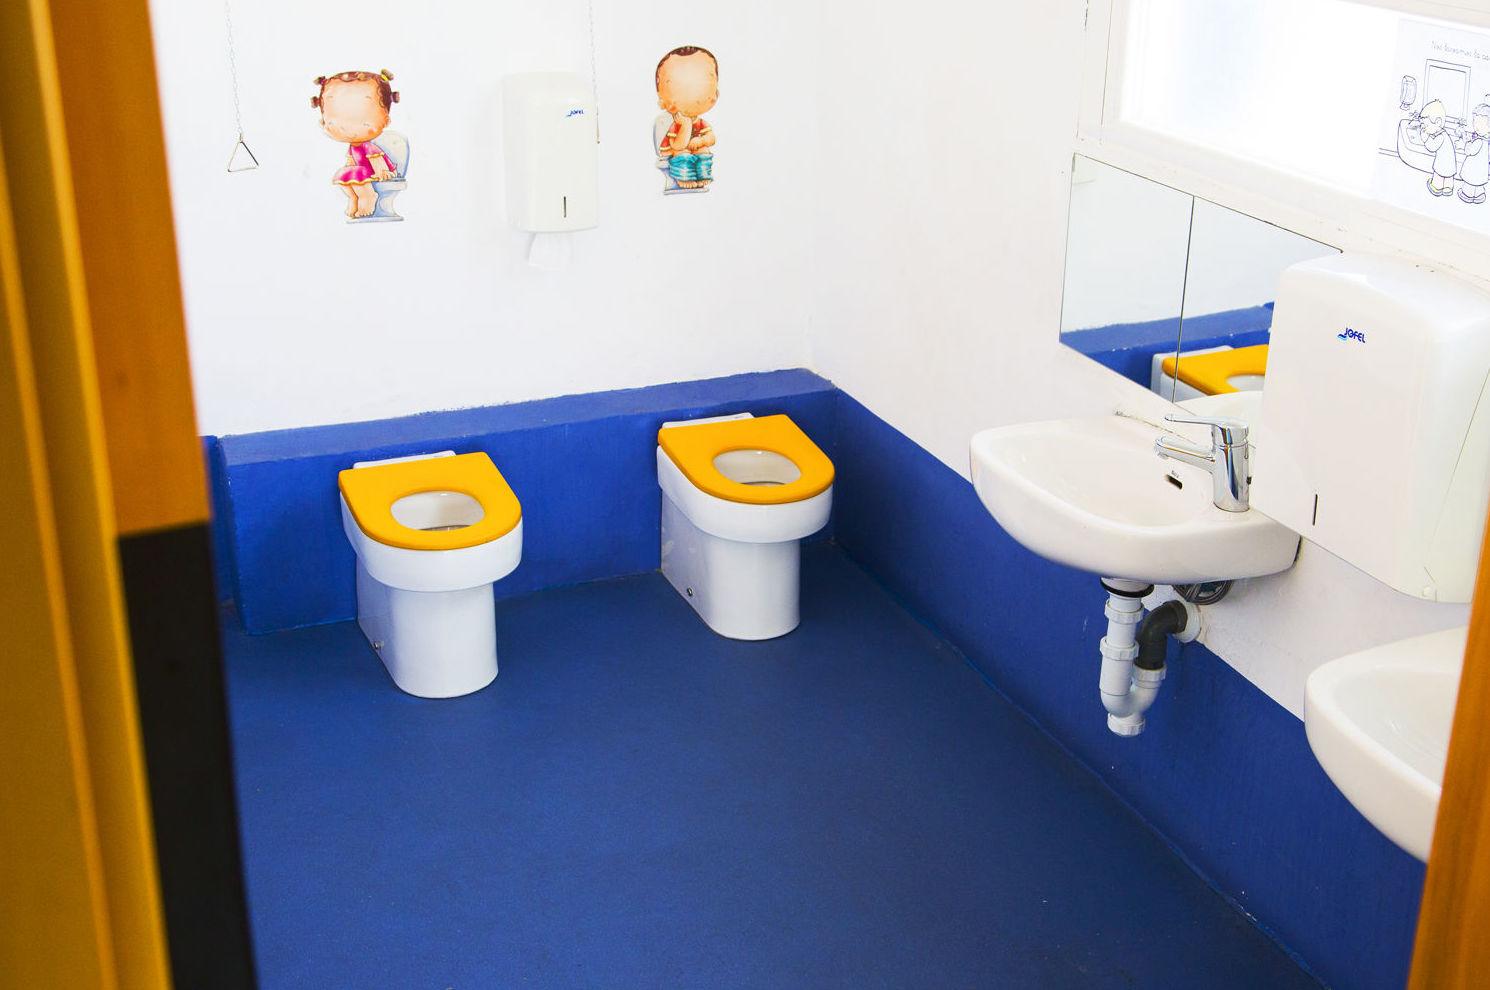 Escuela infantil abierta a los padres en Valdemoro